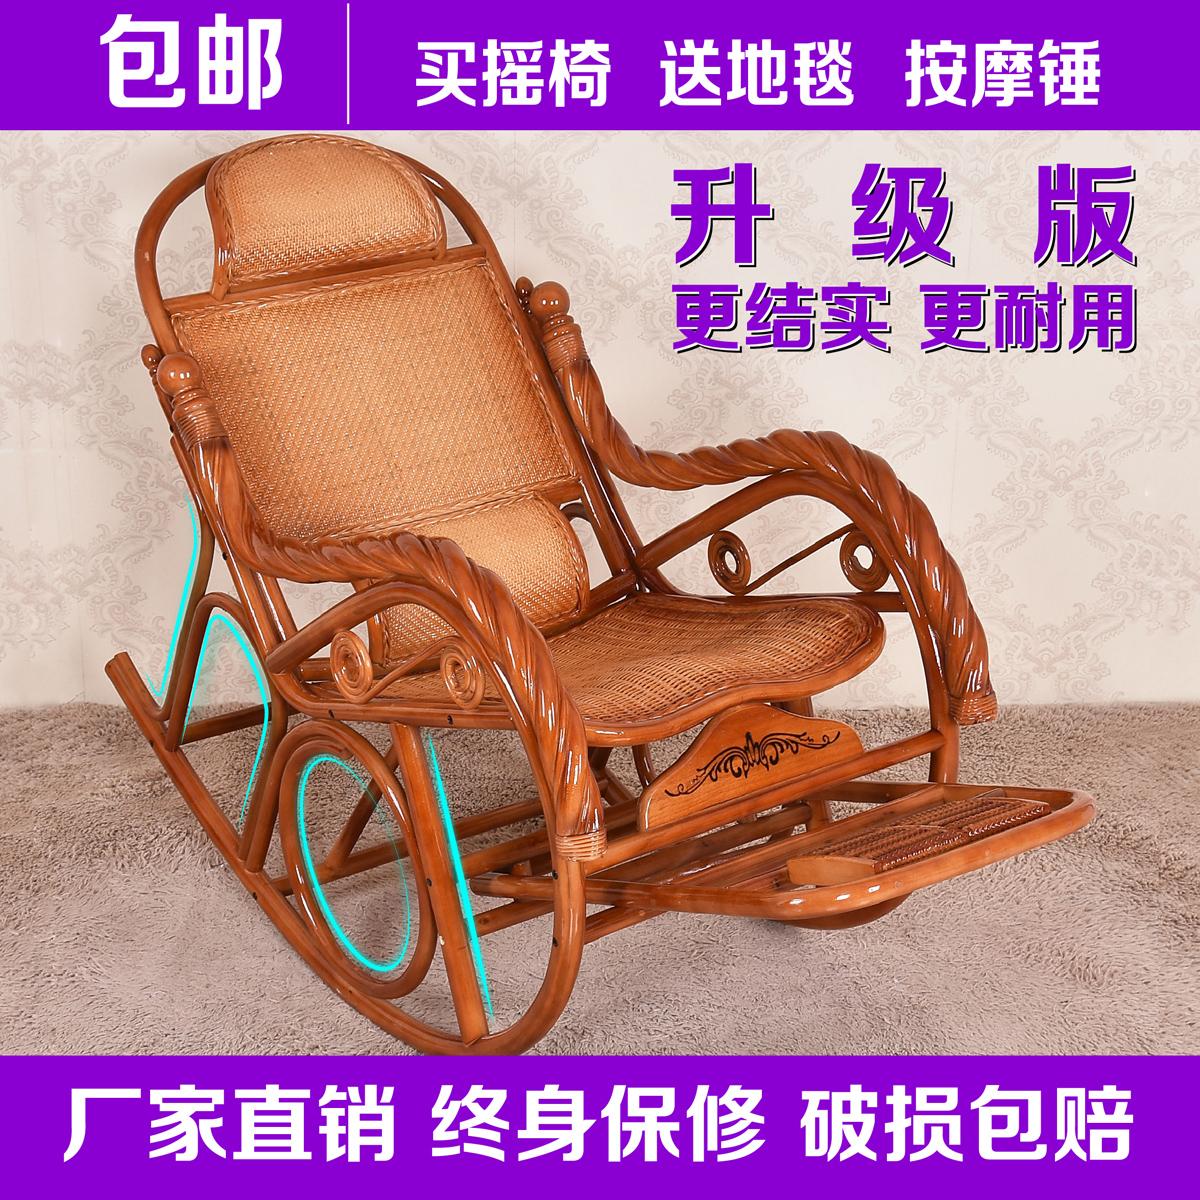 摇椅真藤躺椅